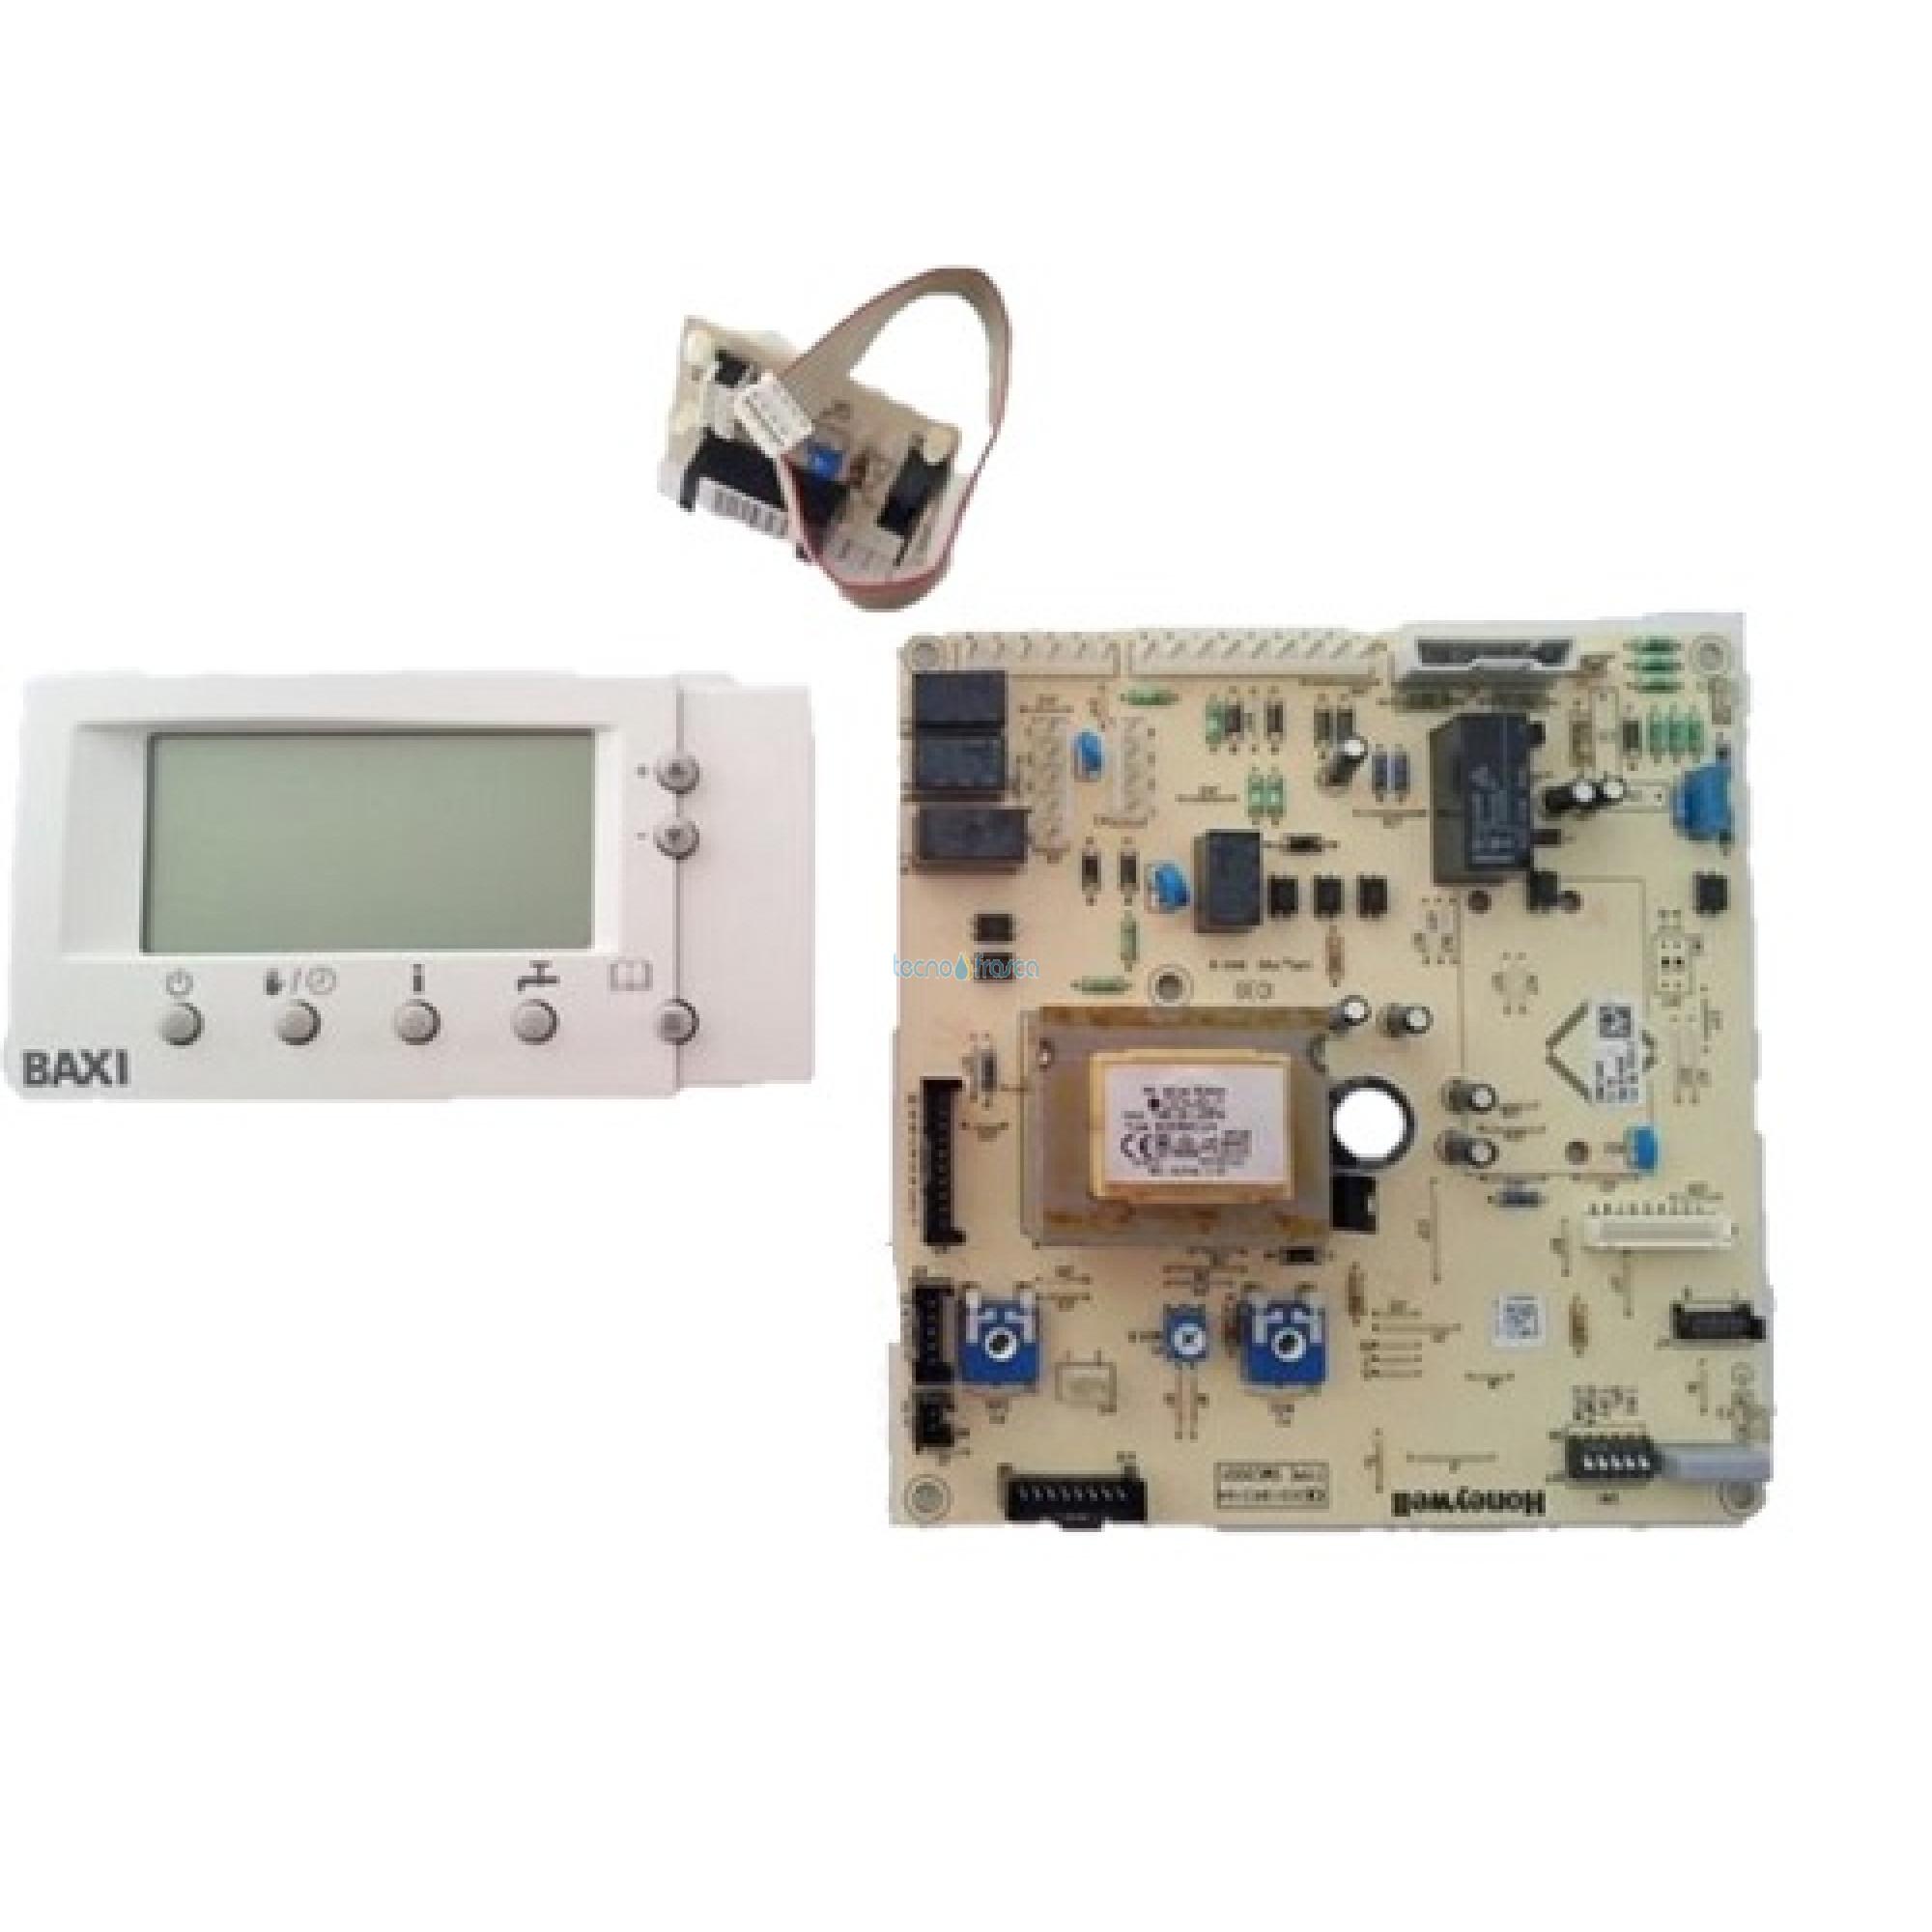 Baxi gruppo telecontrollo scheda 711309200